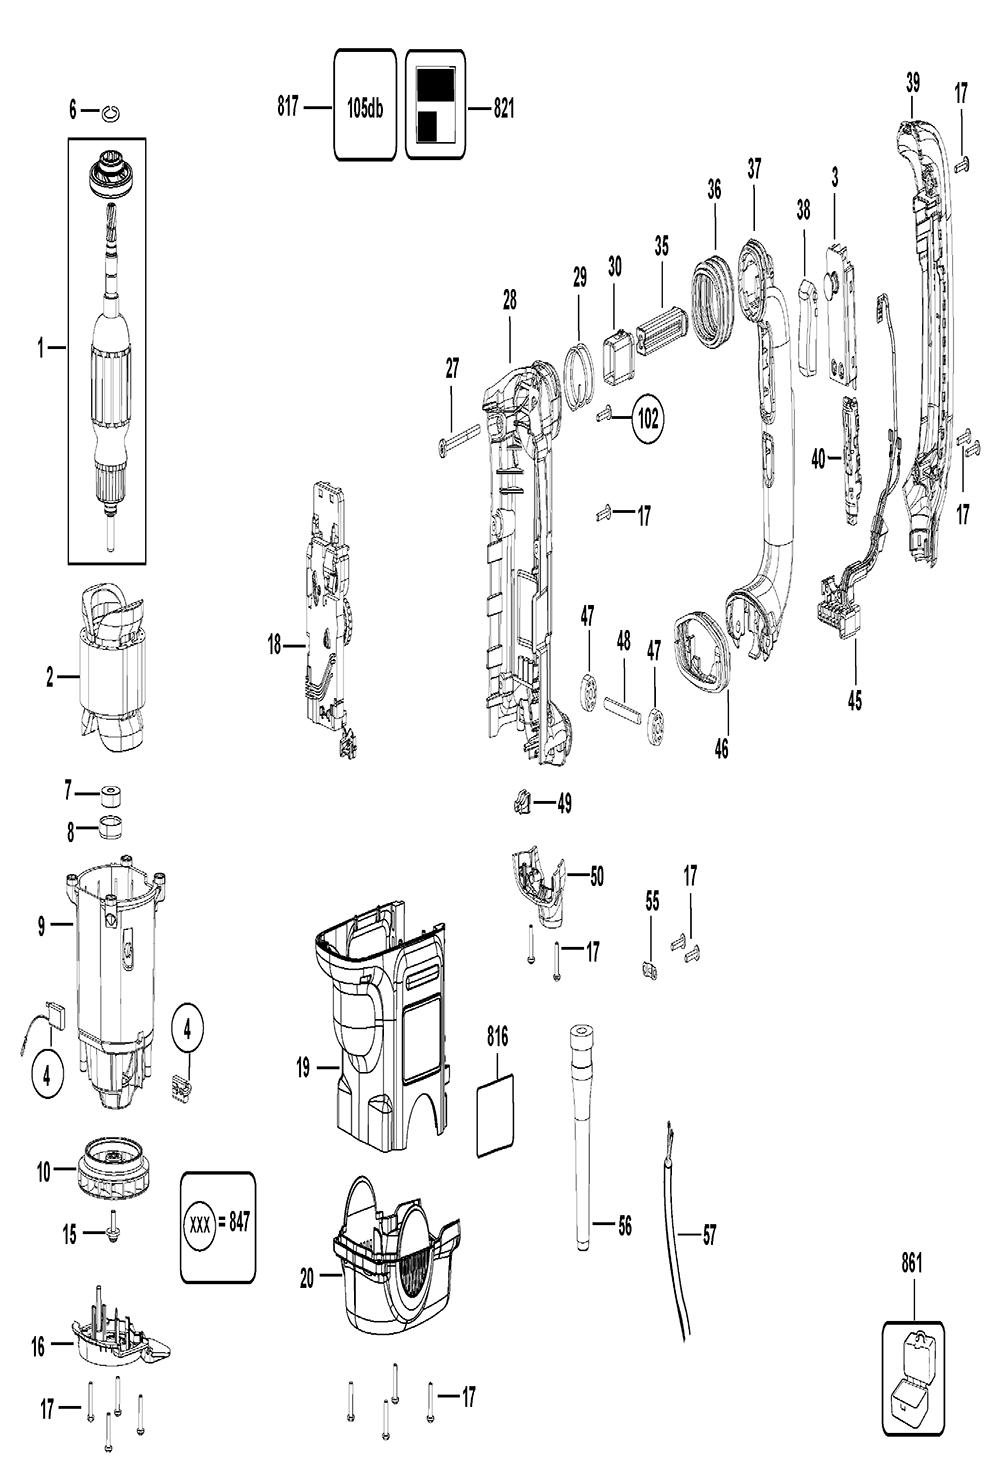 D25761K-B2-Dewalt-T1-PB-1Break Down